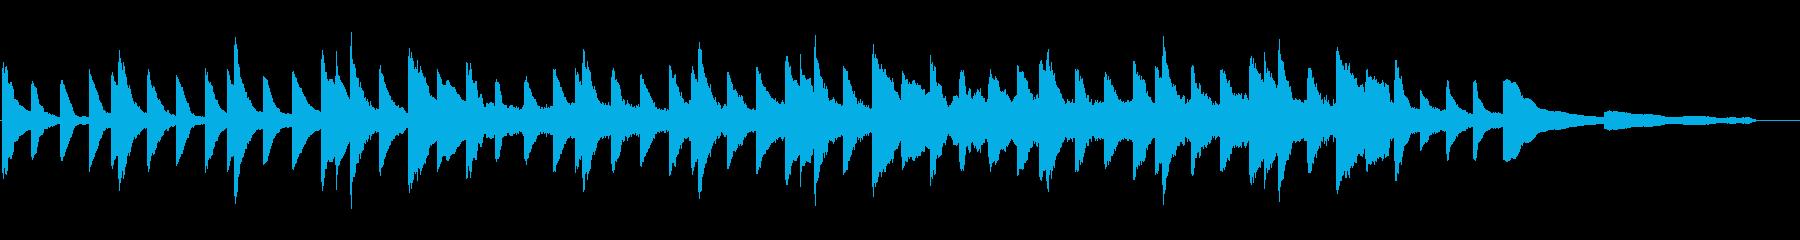 叙情的なピアノと弦の曲の再生済みの波形